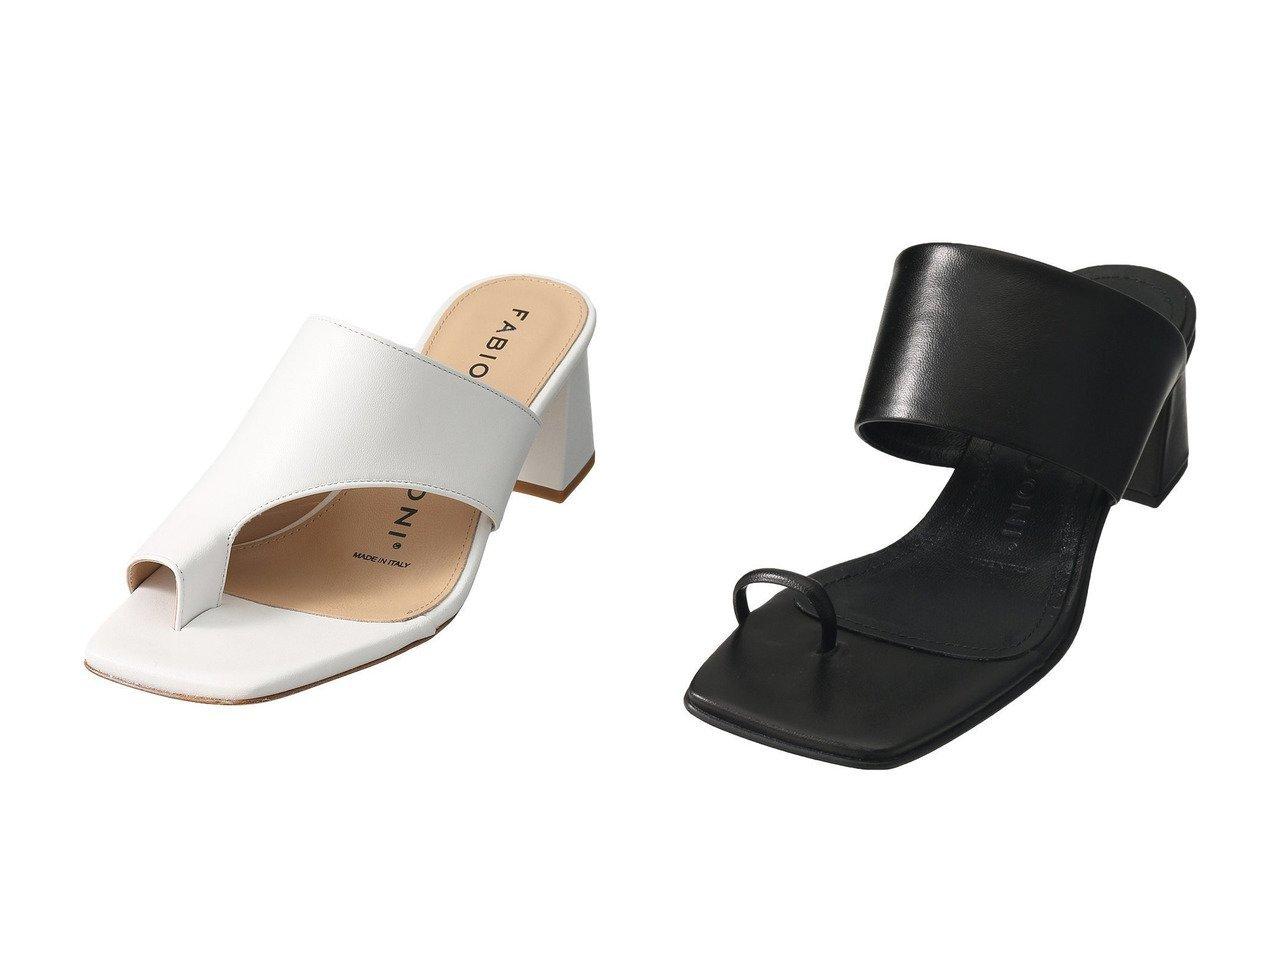 【MAISON SPECIAL/メゾンスペシャル】の【FABIO RUSCONI】VIRGI1276サンダル&【FABIO RUSCONI】TONG MULEサンダル シューズ・靴のおすすめ!人気、トレンド・レディースファッションの通販 おすすめで人気の流行・トレンド、ファッションの通販商品 メンズファッション・キッズファッション・インテリア・家具・レディースファッション・服の通販 founy(ファニー) https://founy.com/ ファッション Fashion レディースファッション WOMEN 2021年 2021 2021 春夏 S/S SS Spring/Summer 2021 S/S 春夏 SS Spring/Summer サンダル ヌーディ 春 Spring  ID:crp329100000024754